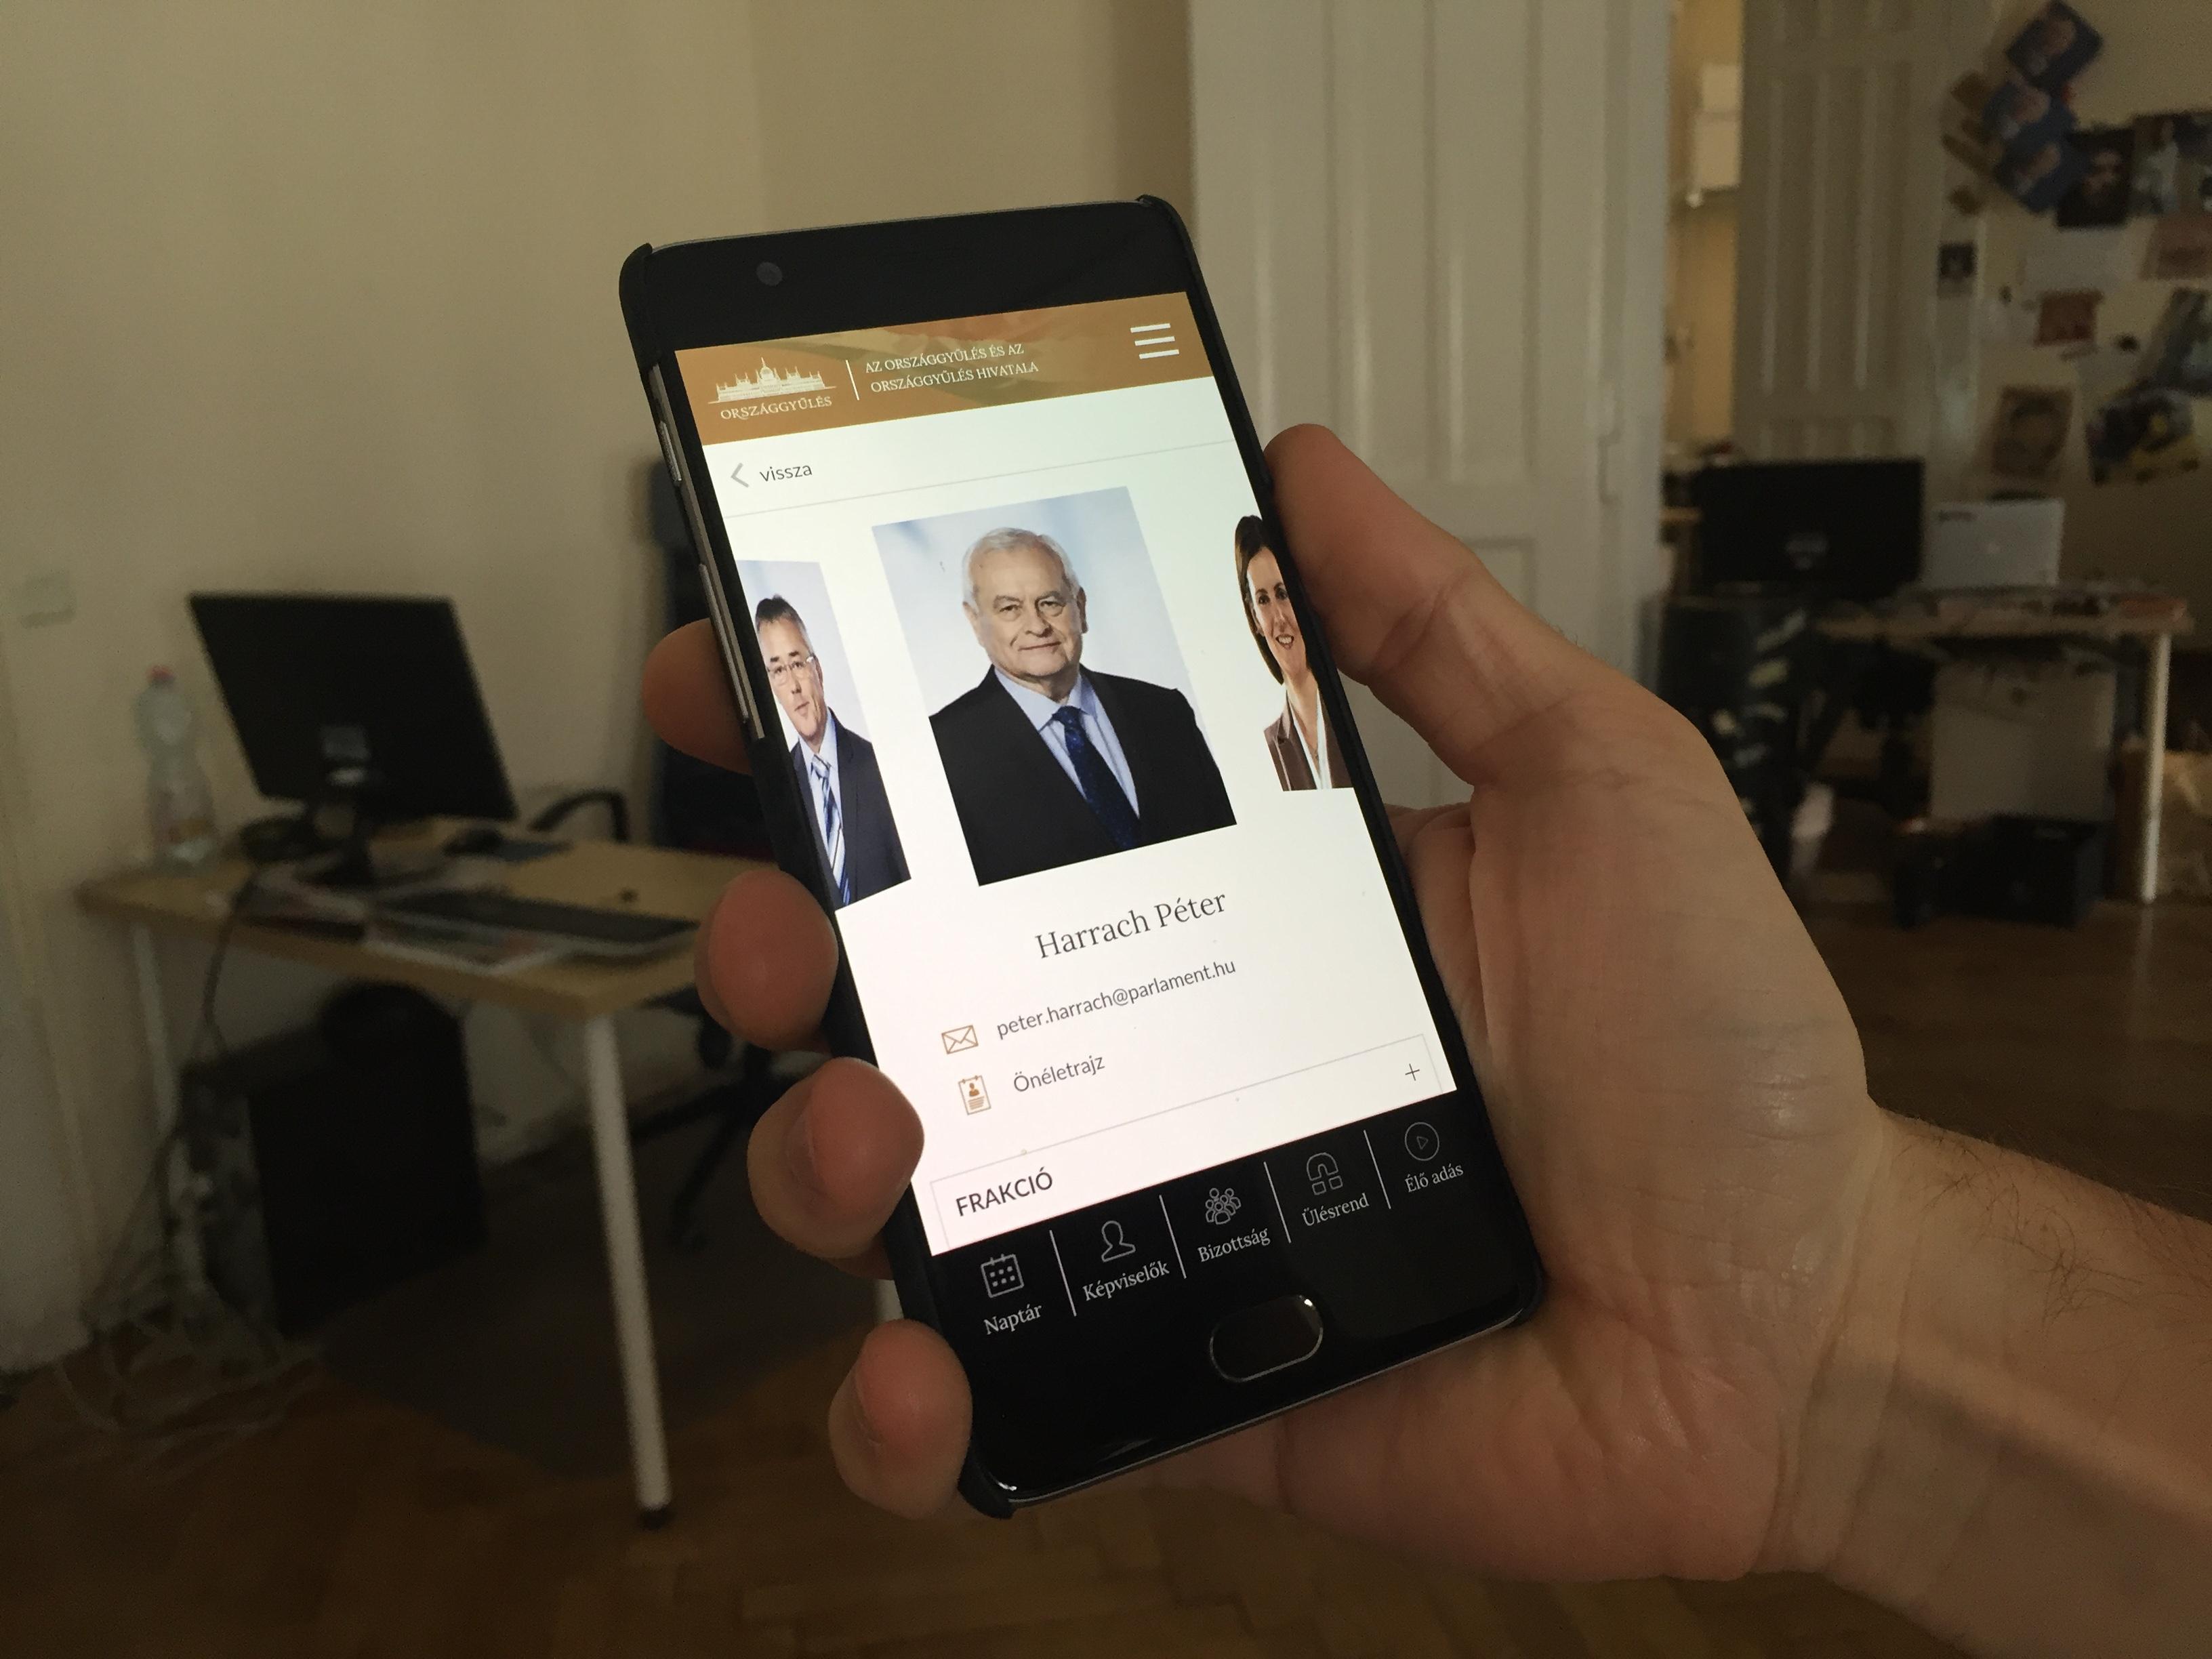 Monor fideszes polgármesterének cége is részt vett az Országgyűlés appjának fejlesztésében